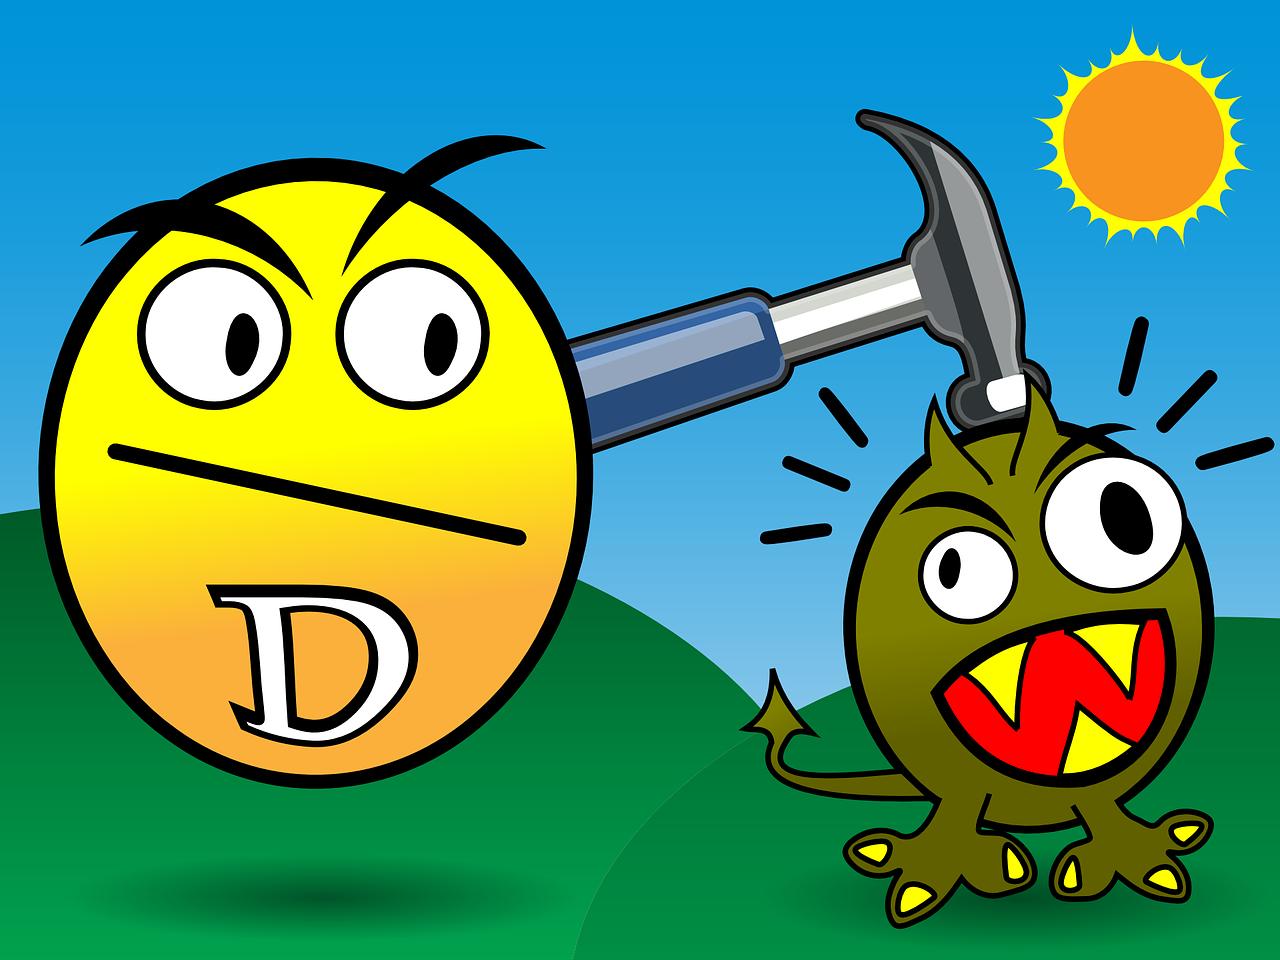 Sluneční svit a vitamin D patří dohromady. Vitamin D se totiž v našem organizmu syntetizuje v kůži díky UVB záření.